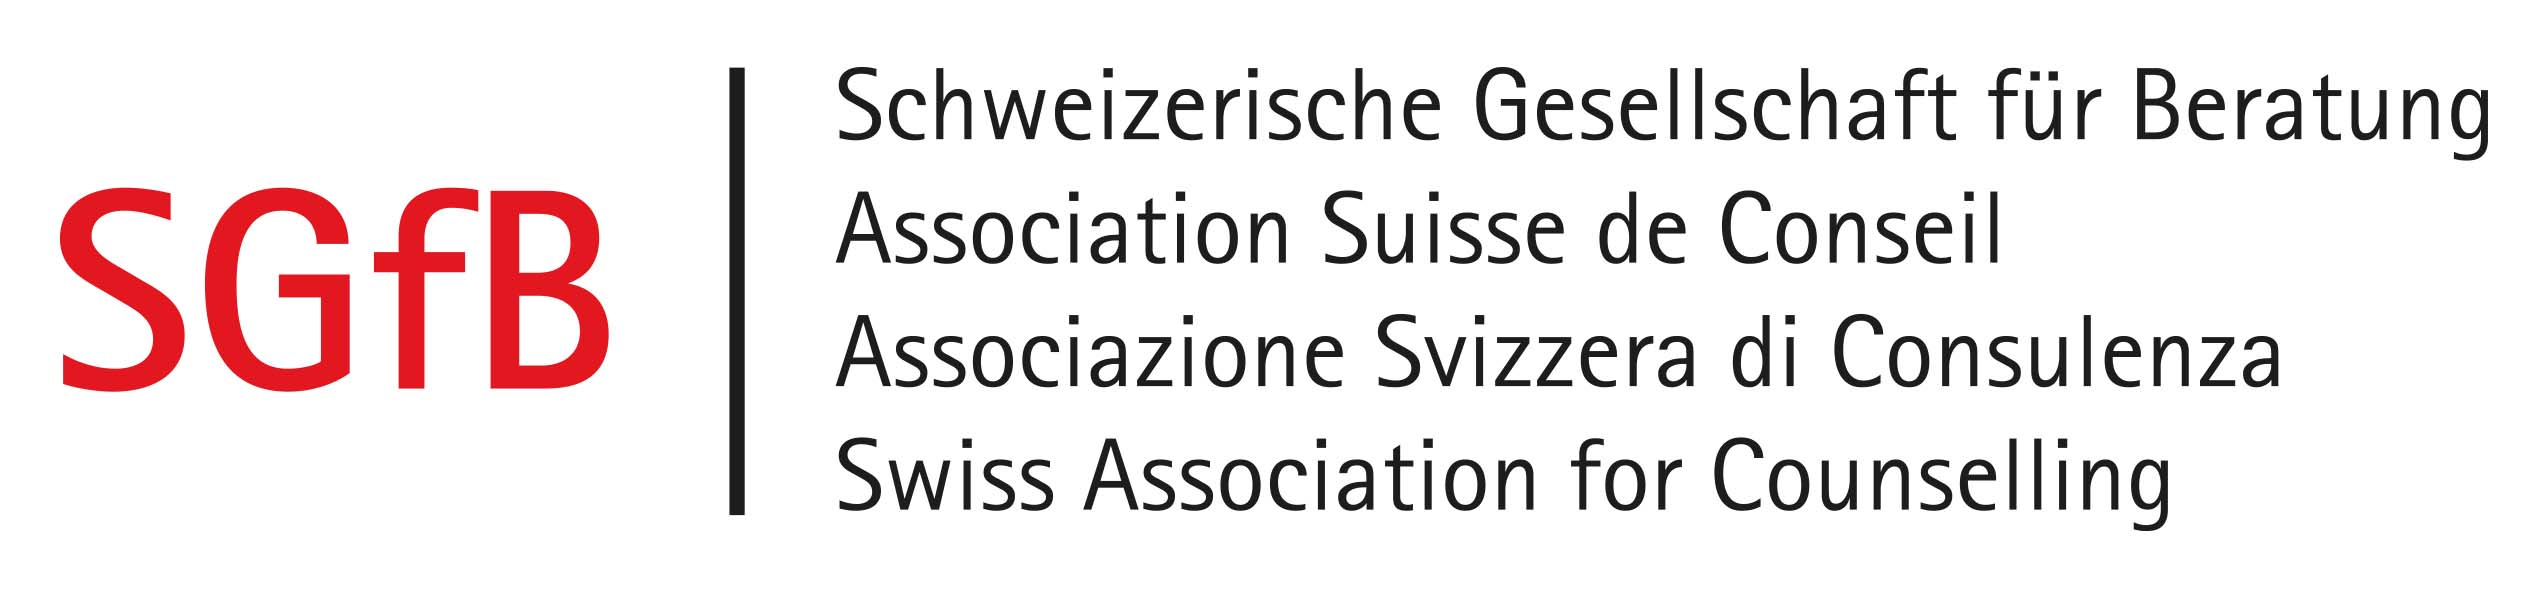 Schweizerische Gesellschaft für Beratung SGfB